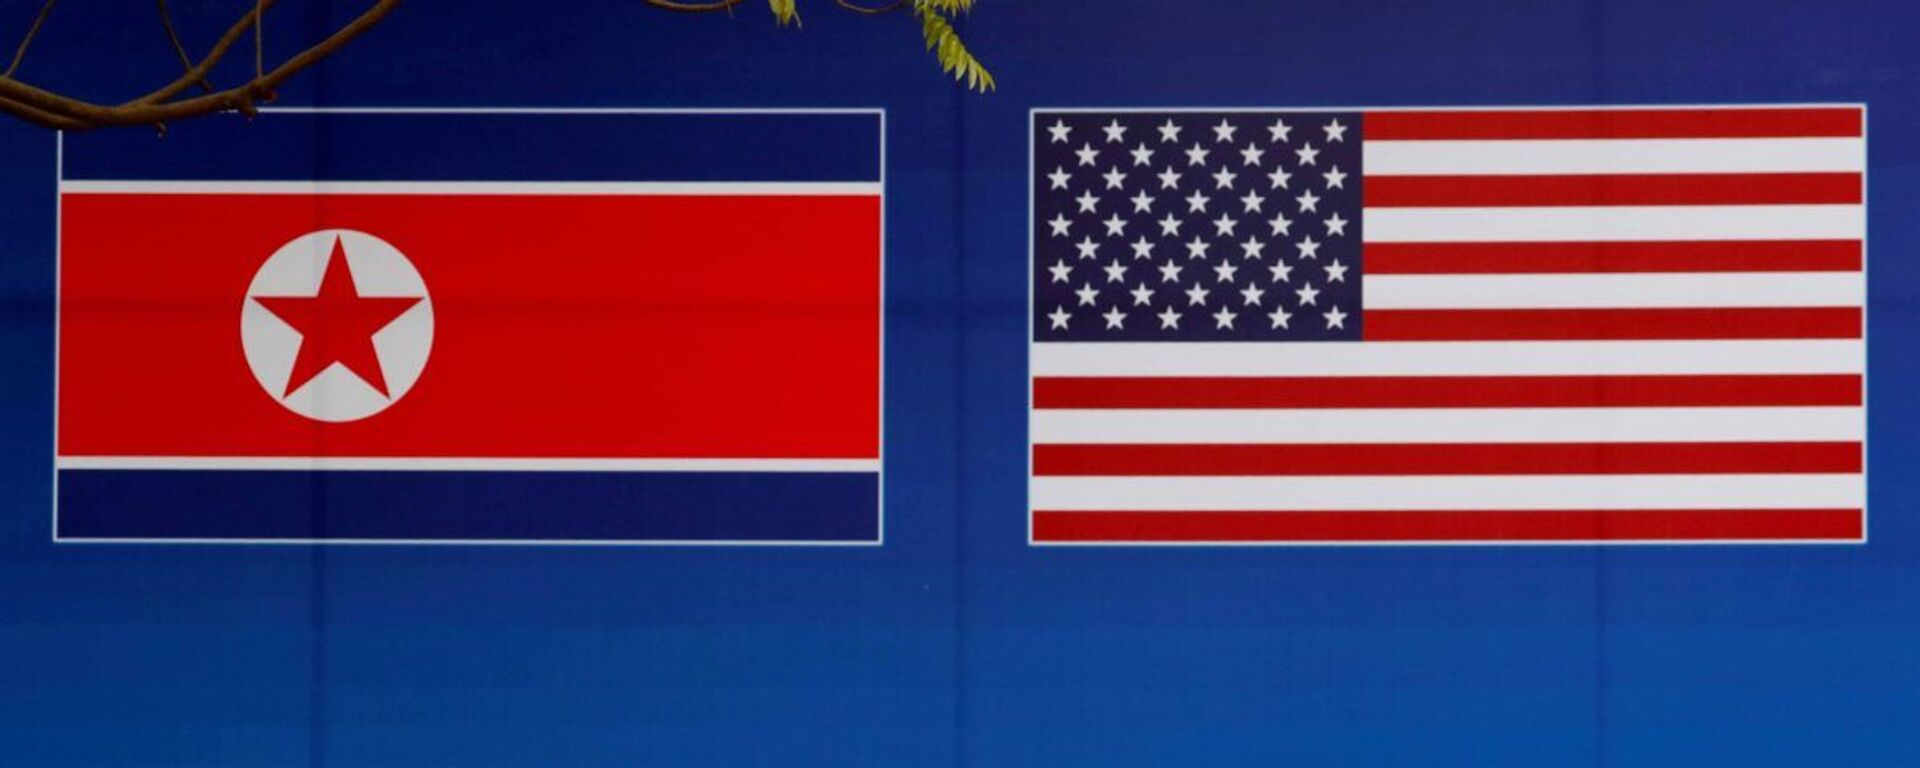 Kuzey Kore - ABD - bayrak - Sputnik Türkiye, 1920, 27.09.2021